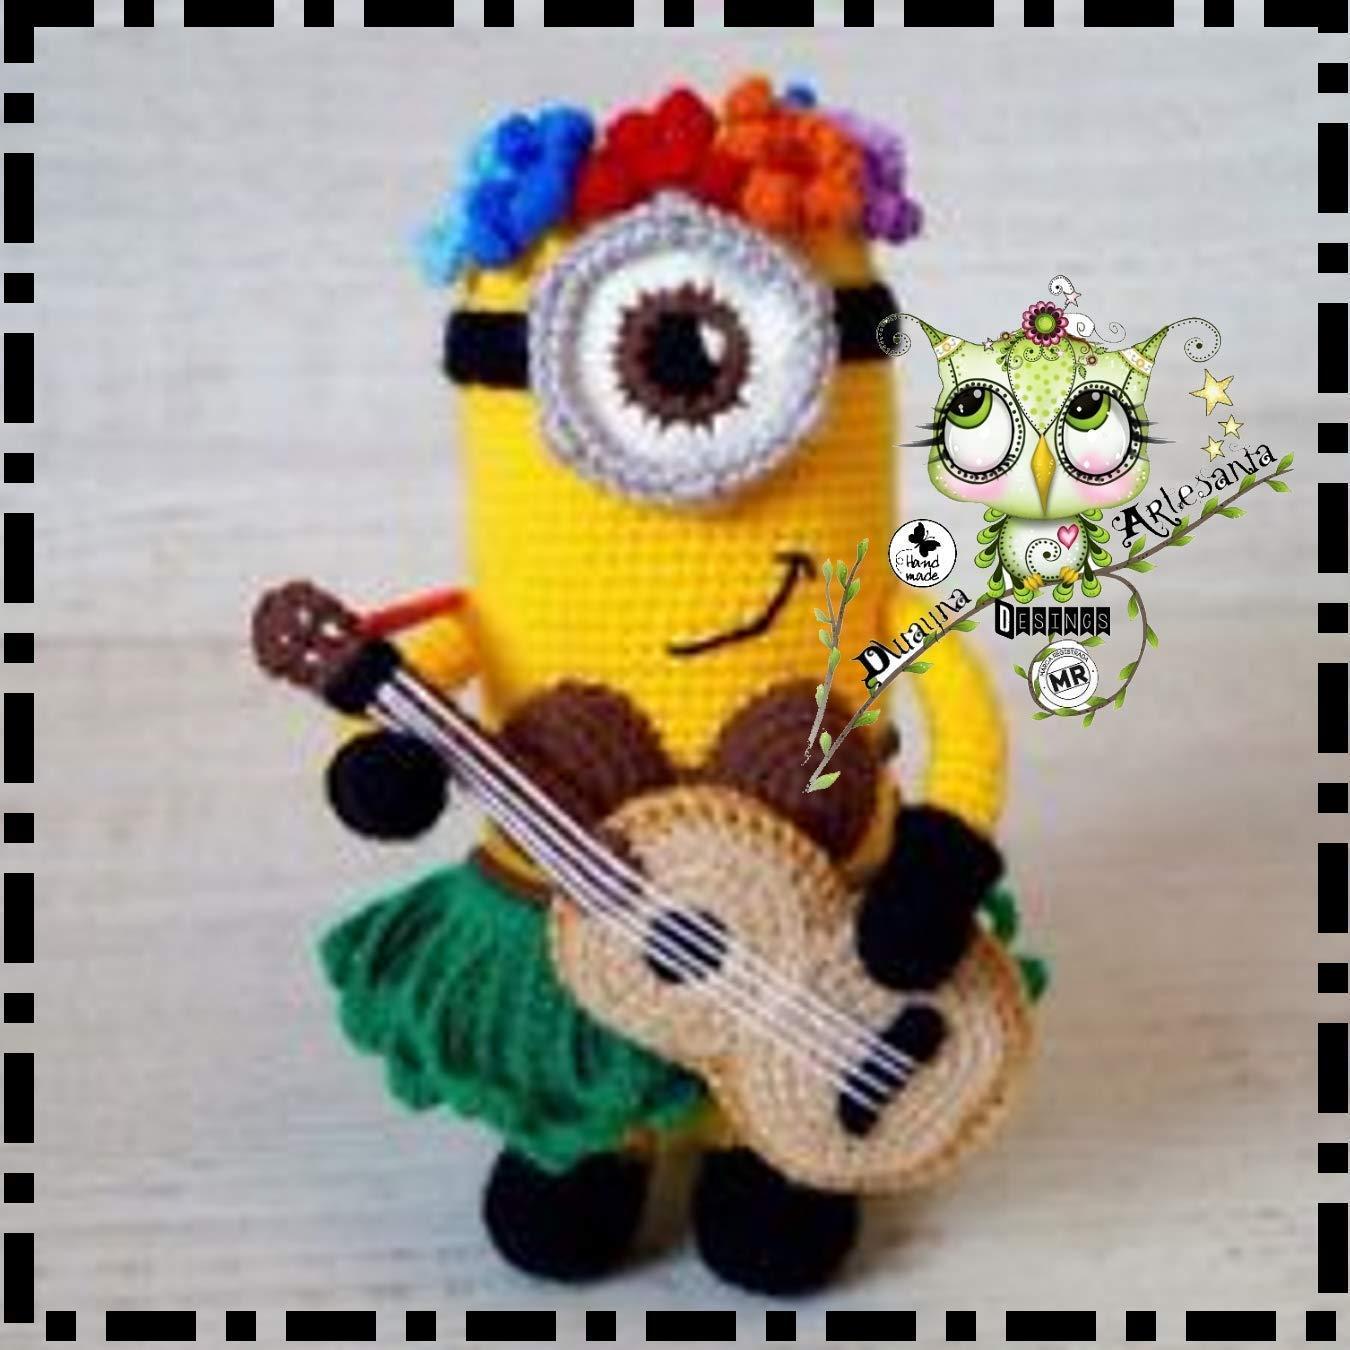 MINION HAWAIANO AMIGURUMI REYES MAGOS REGALO NAVIDAD PAPA NOEL BAUTIZO CUMPLEAÑOS EVENTOS FIESTA FANTASÍA ORIGINAL IRROMPIBLE BEBÉ CROCHET GANCHILLO MUÑECO PELUCHE NIÑO NIÑA LANA haway guitarra